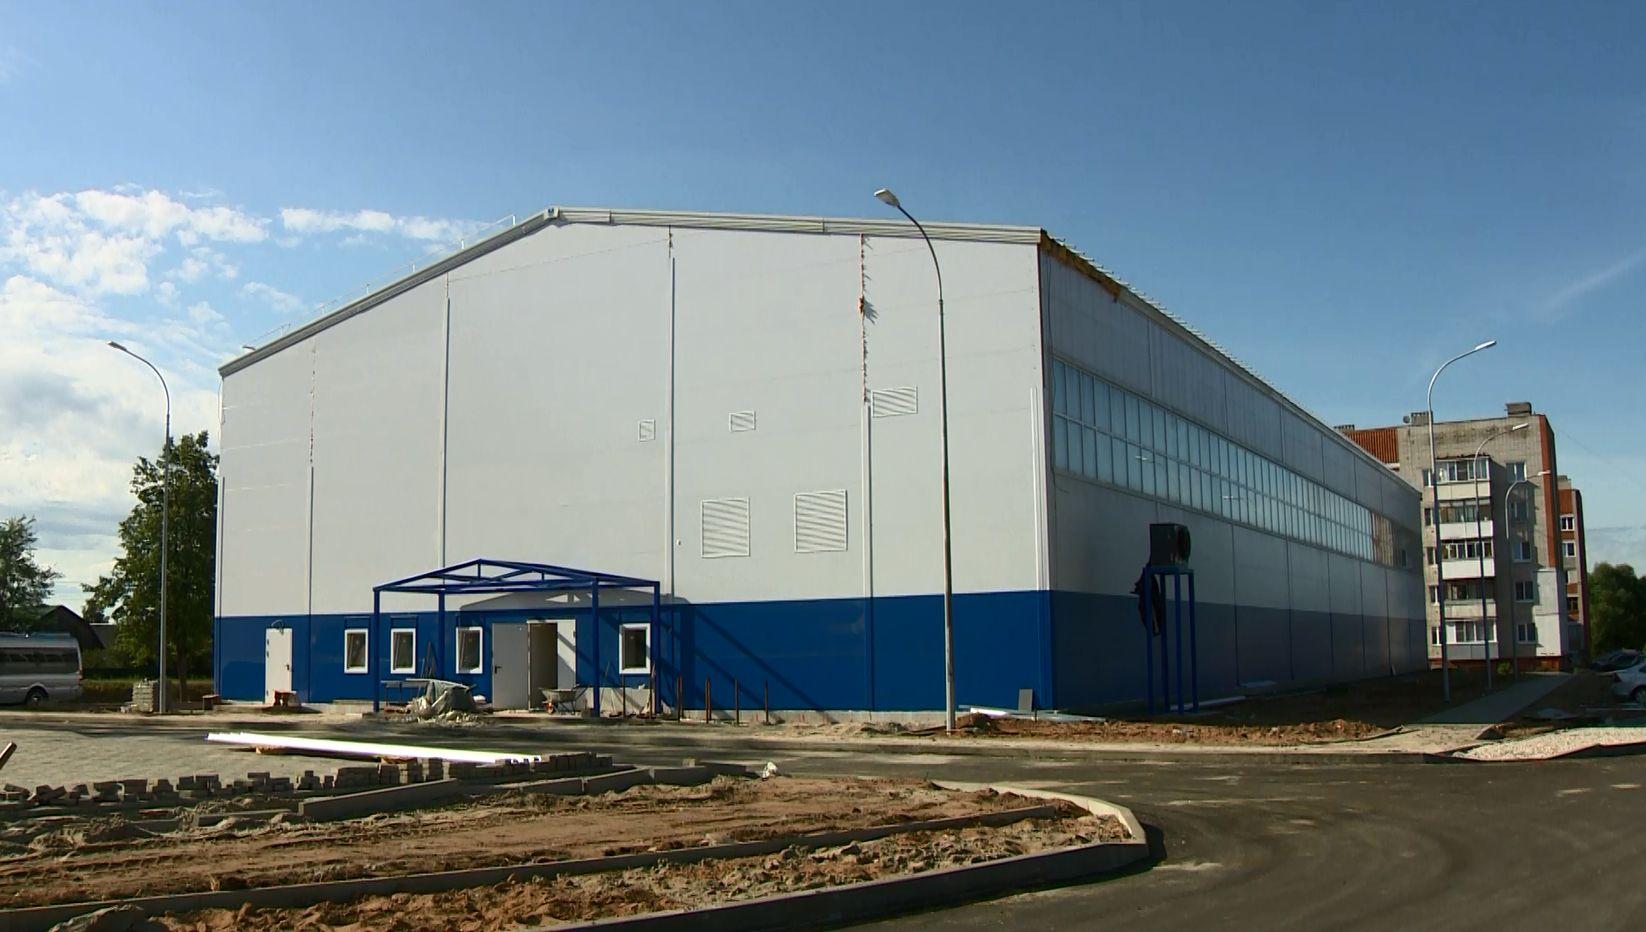 Строительство долгожданного манежа в Красных Ткачах Ярославской области вышло на финальный этап